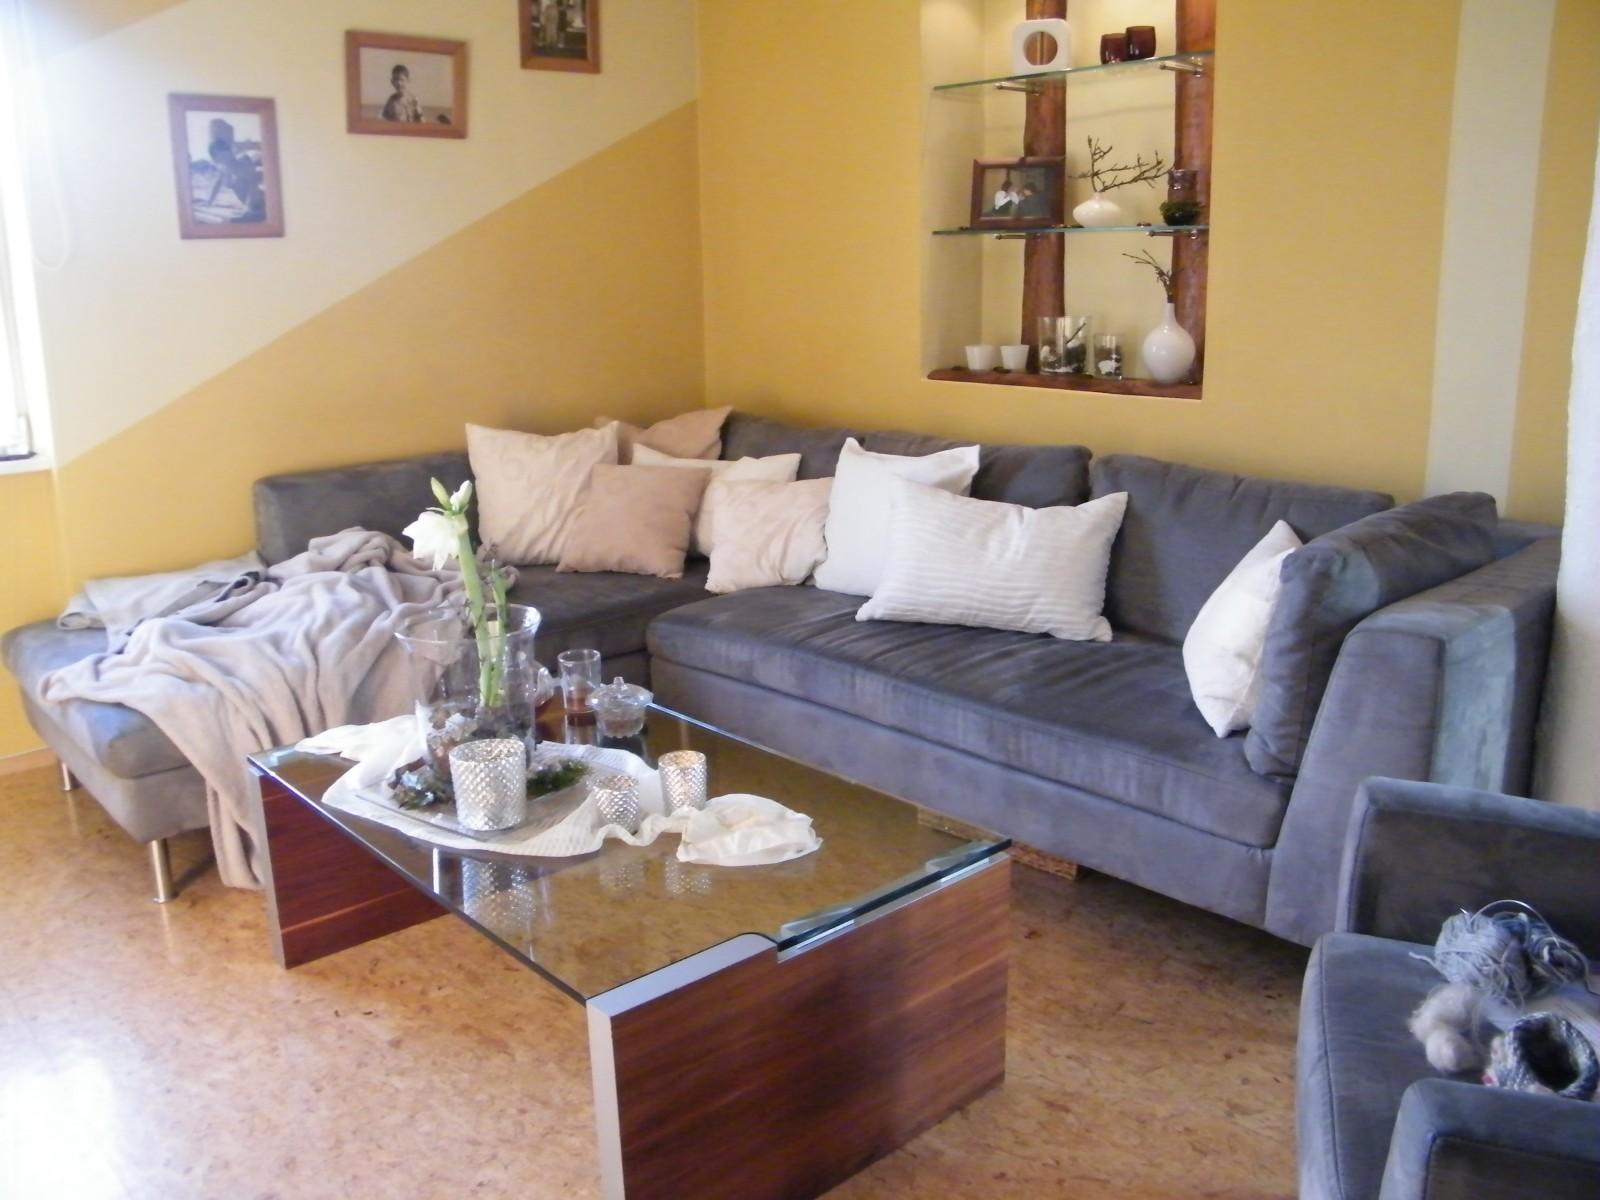 Wohnzimmer 'das Wohnzimmer' - Unsere Wohlfühloase - Zimmerschau Wohnzimmer Braun Silber